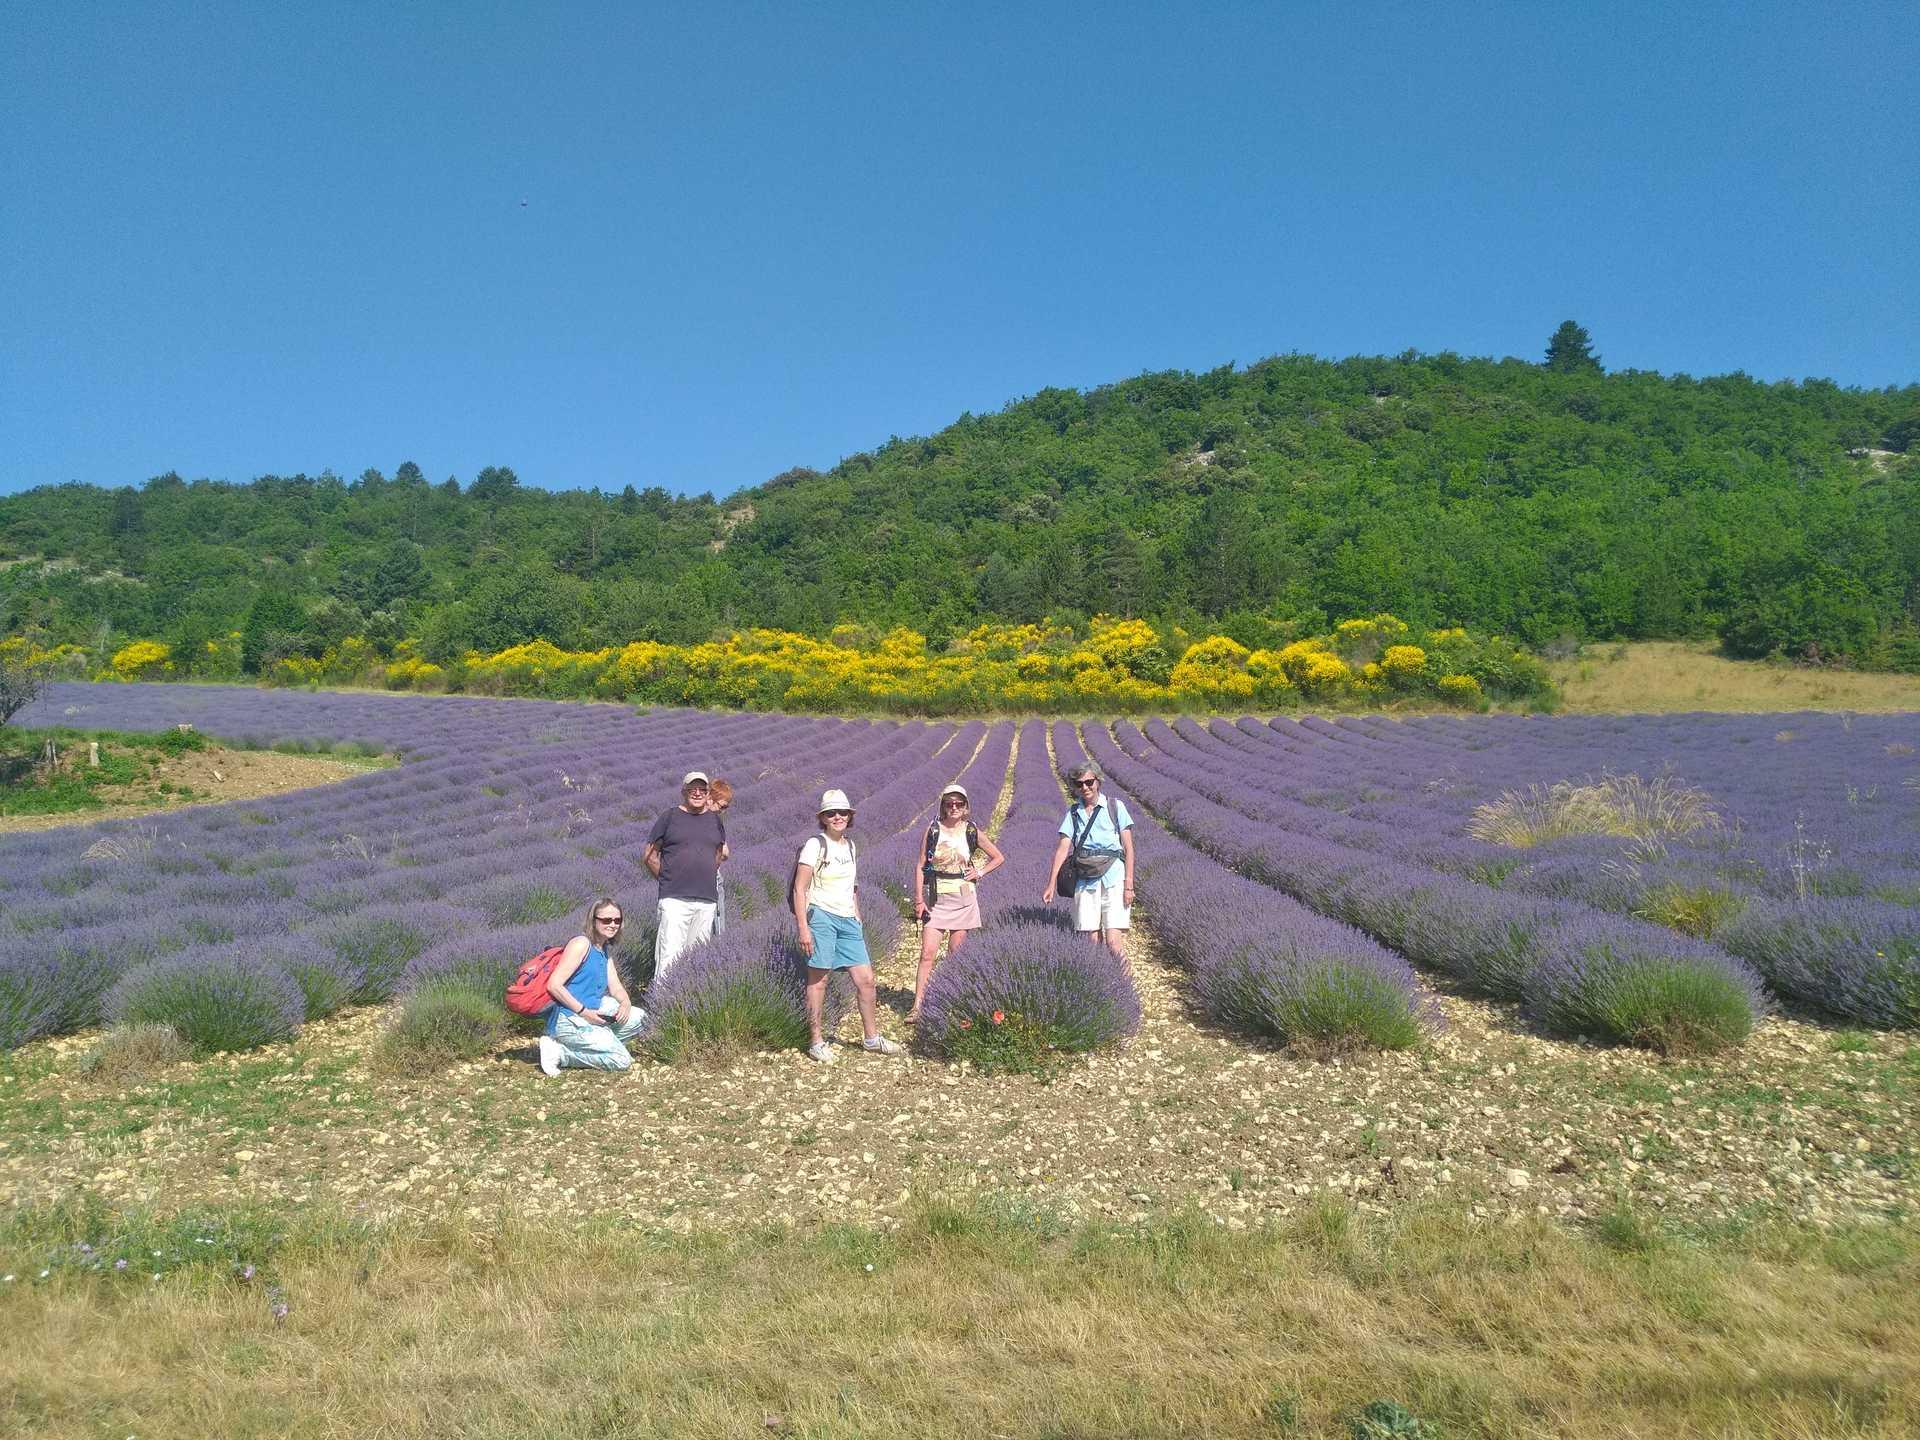 Randonneurs sur le chemin des lavandes en Provence